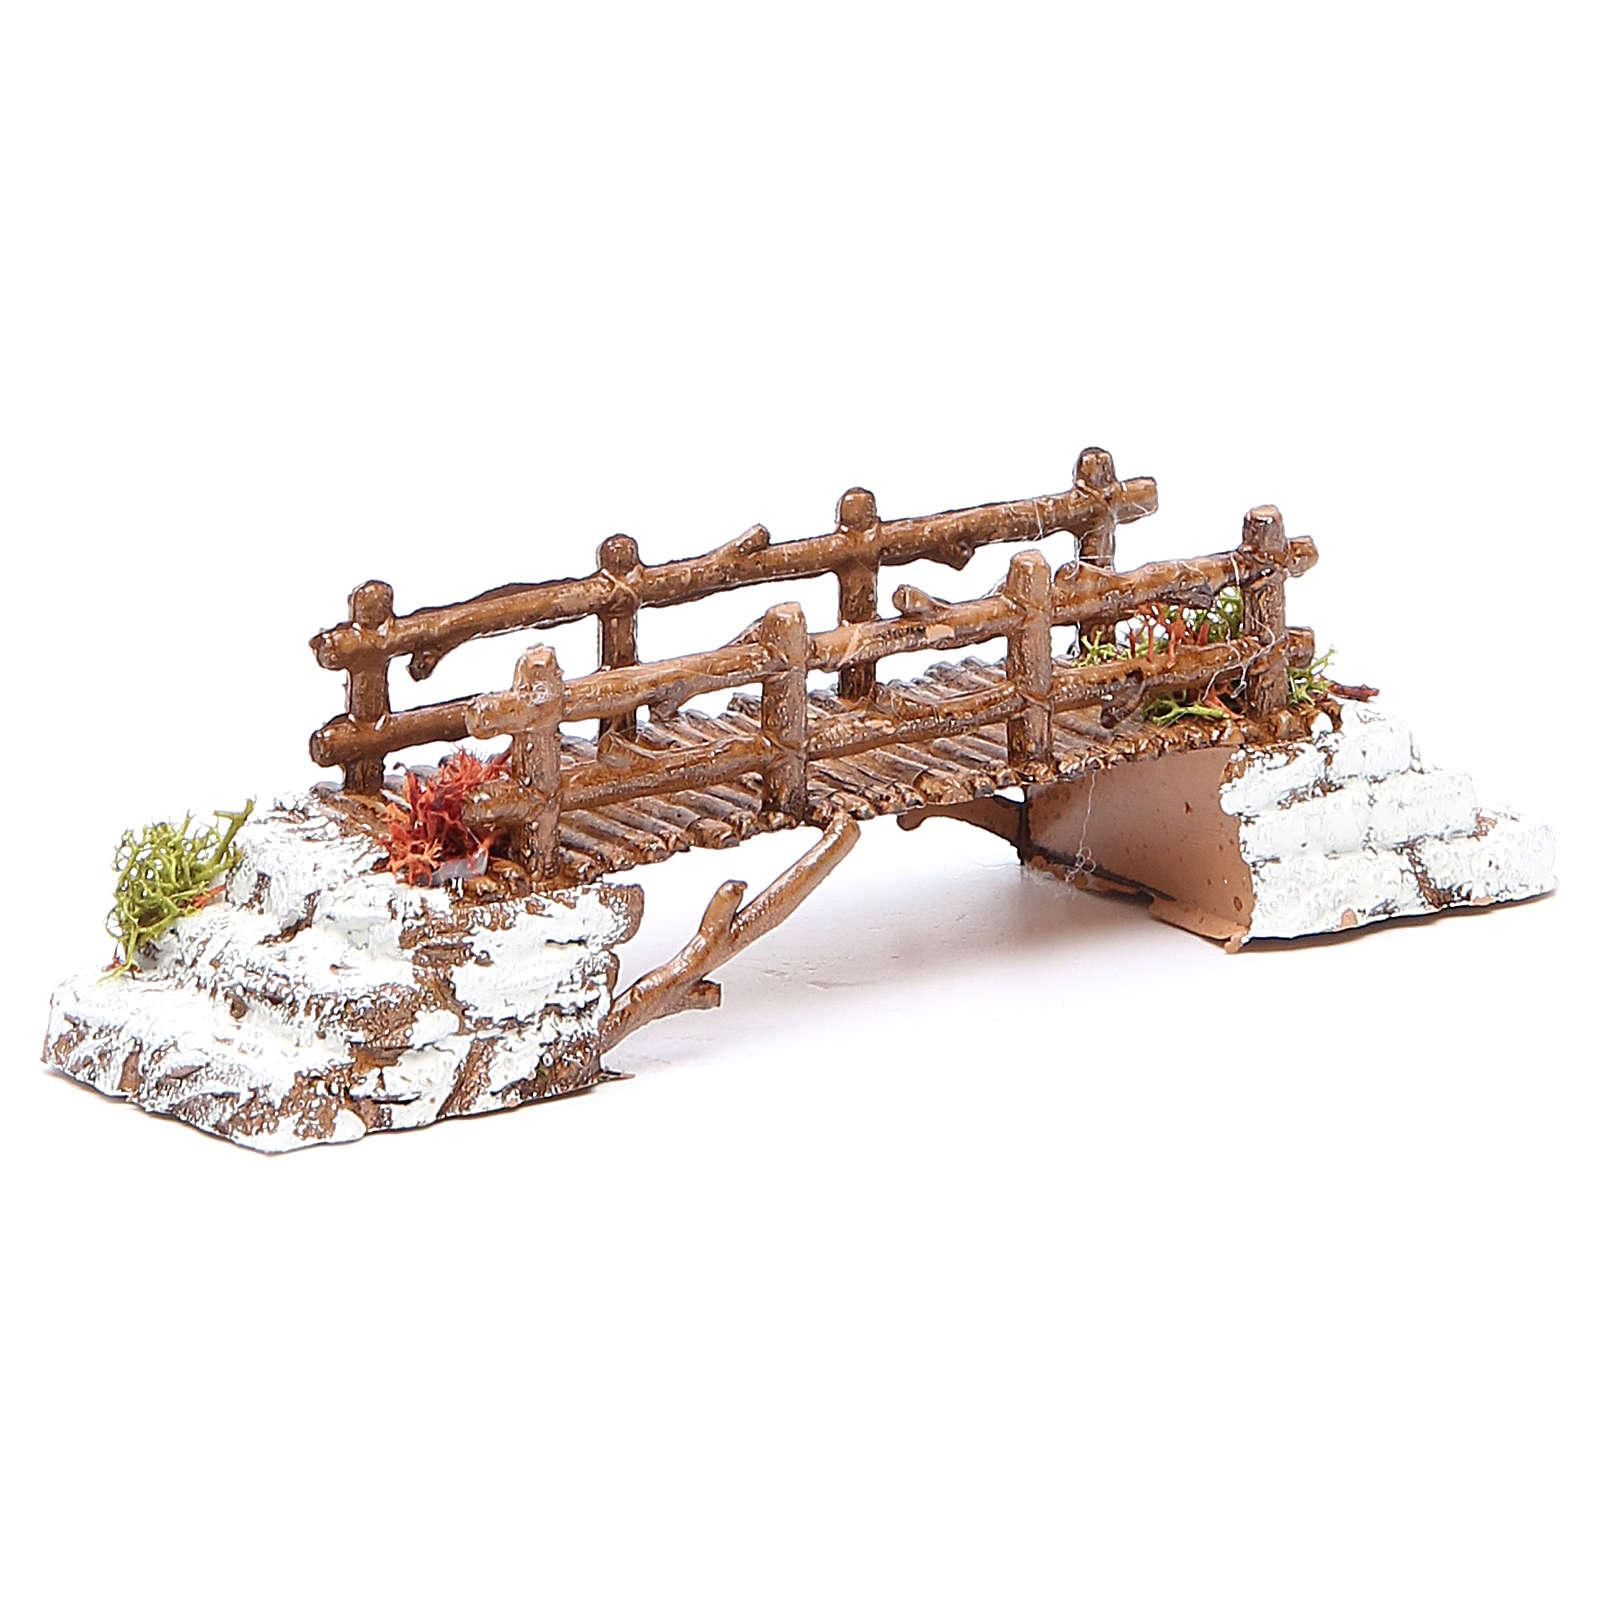 Puente belén pvc 16 x 4 x 4 cm 4